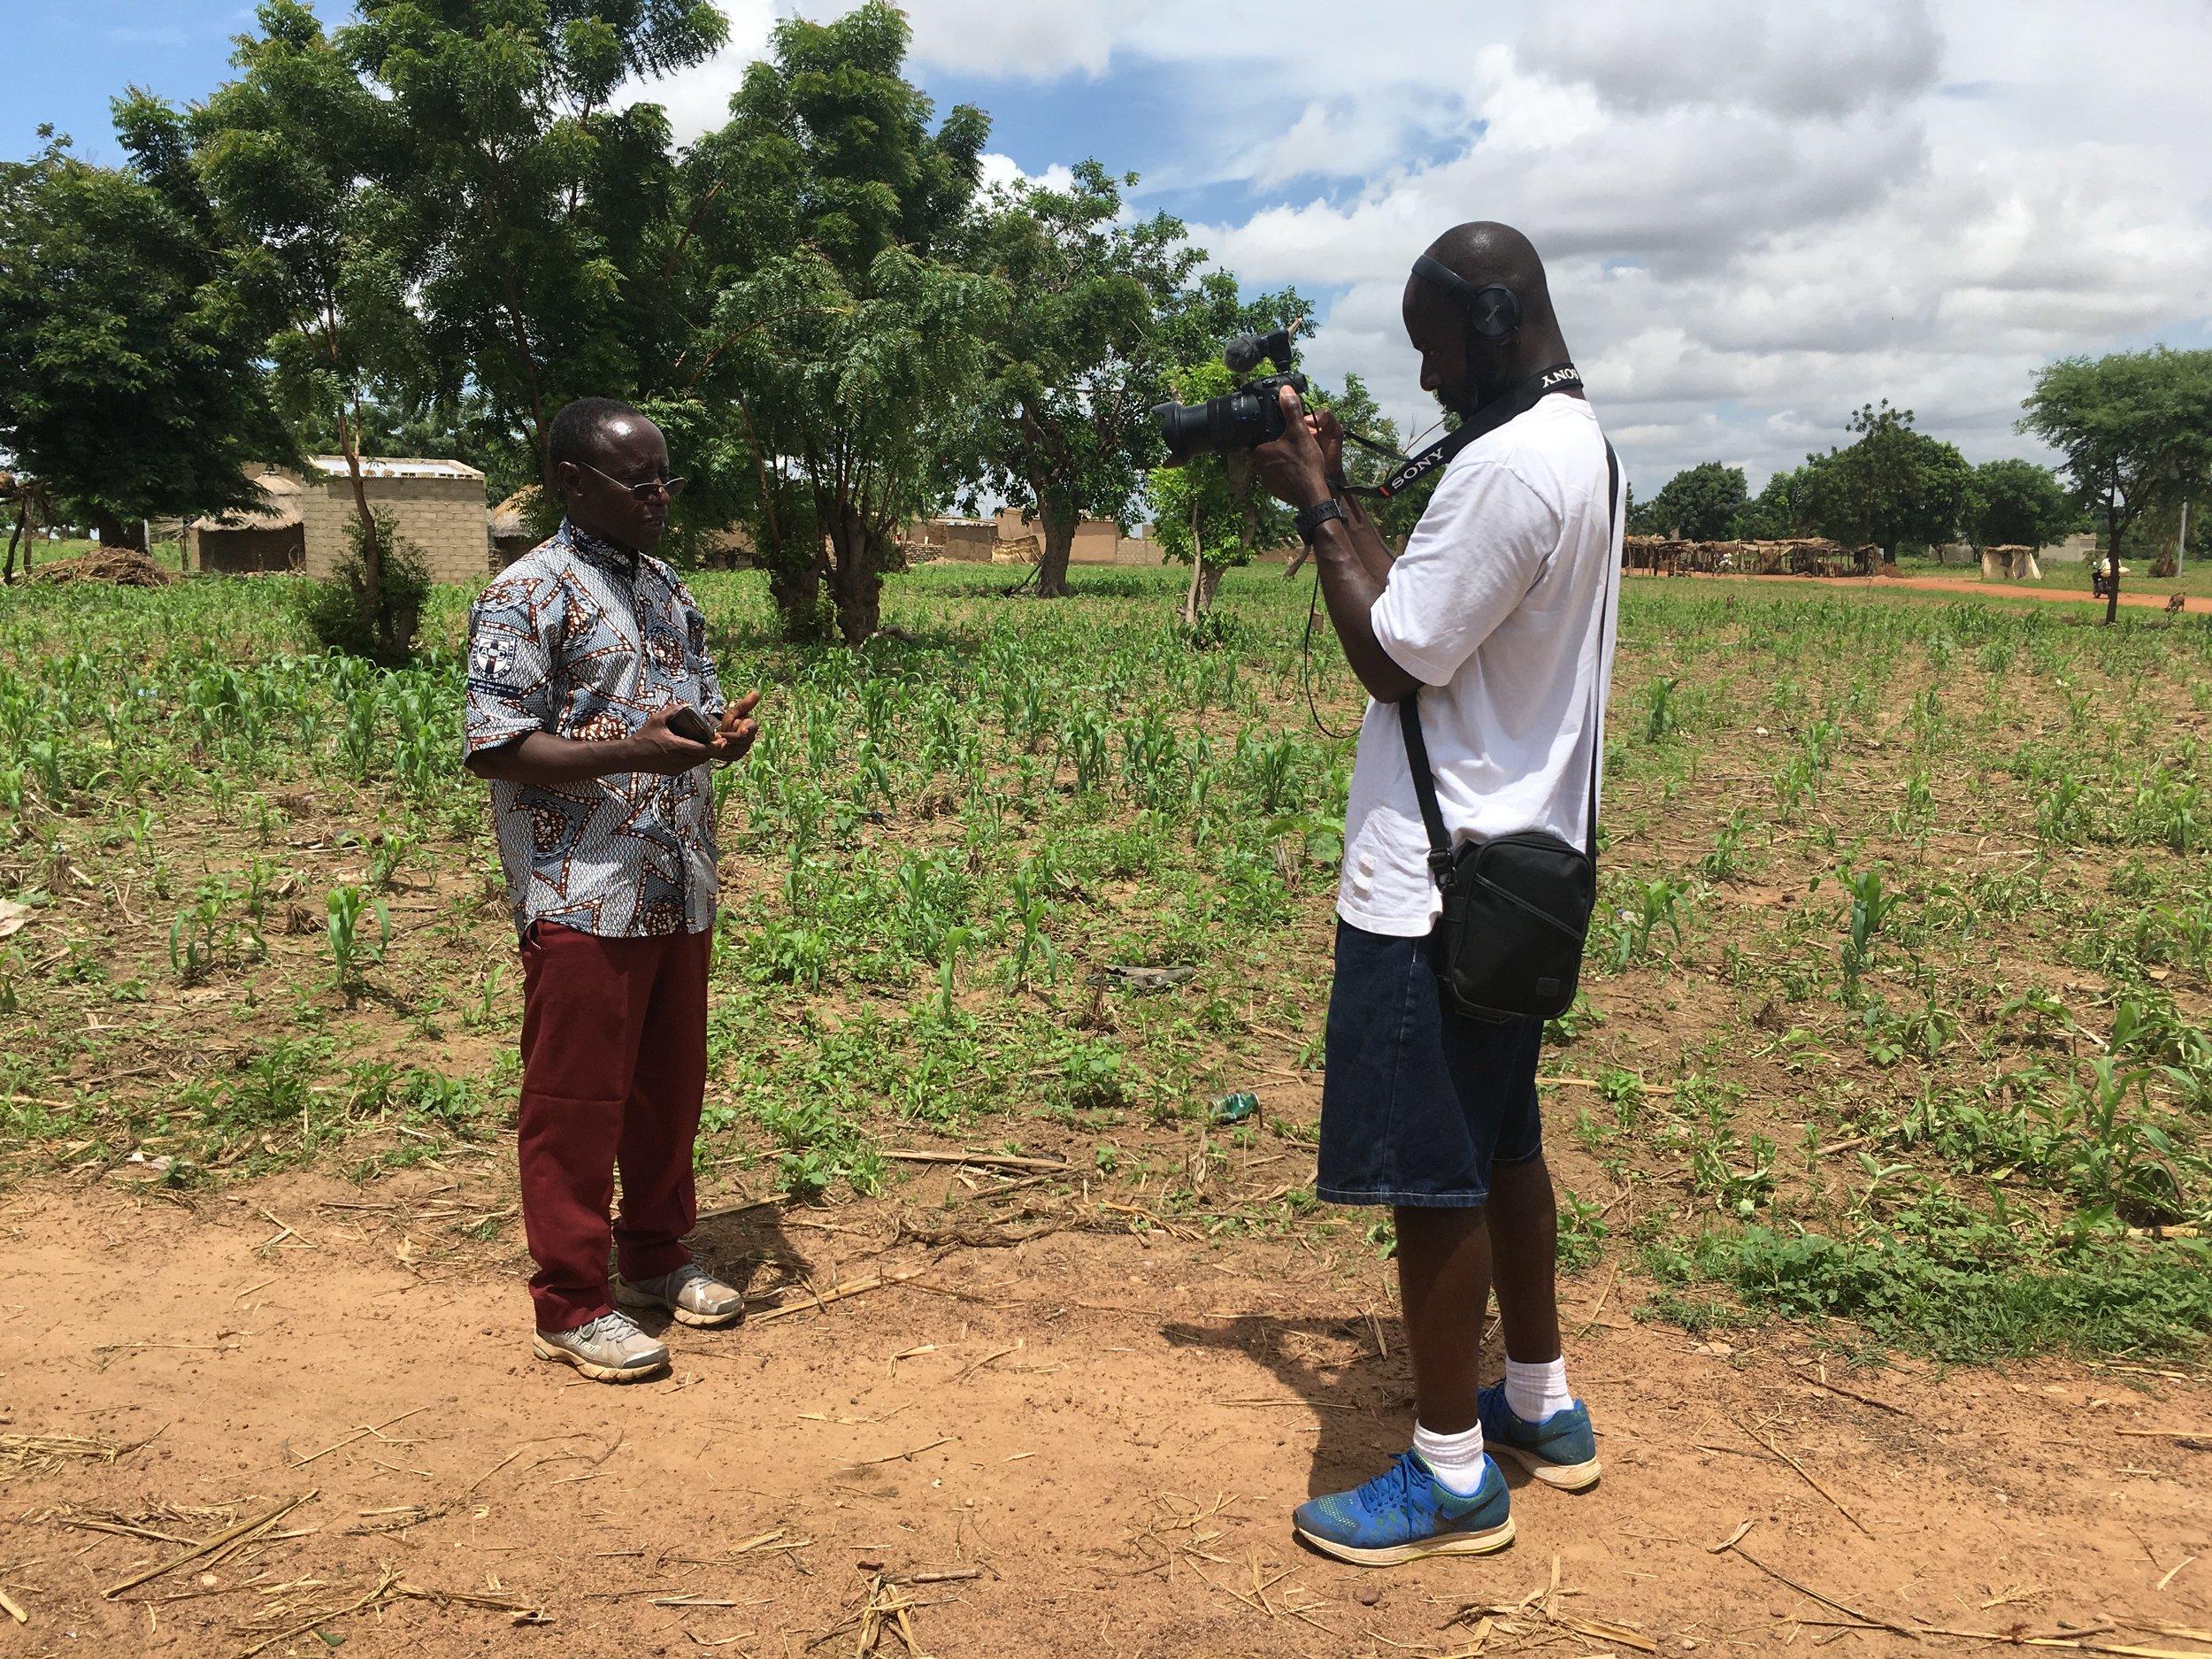 Bonny en train d'interviewer Boureima Kabre au Burkina Faso pour le film  On The Line.